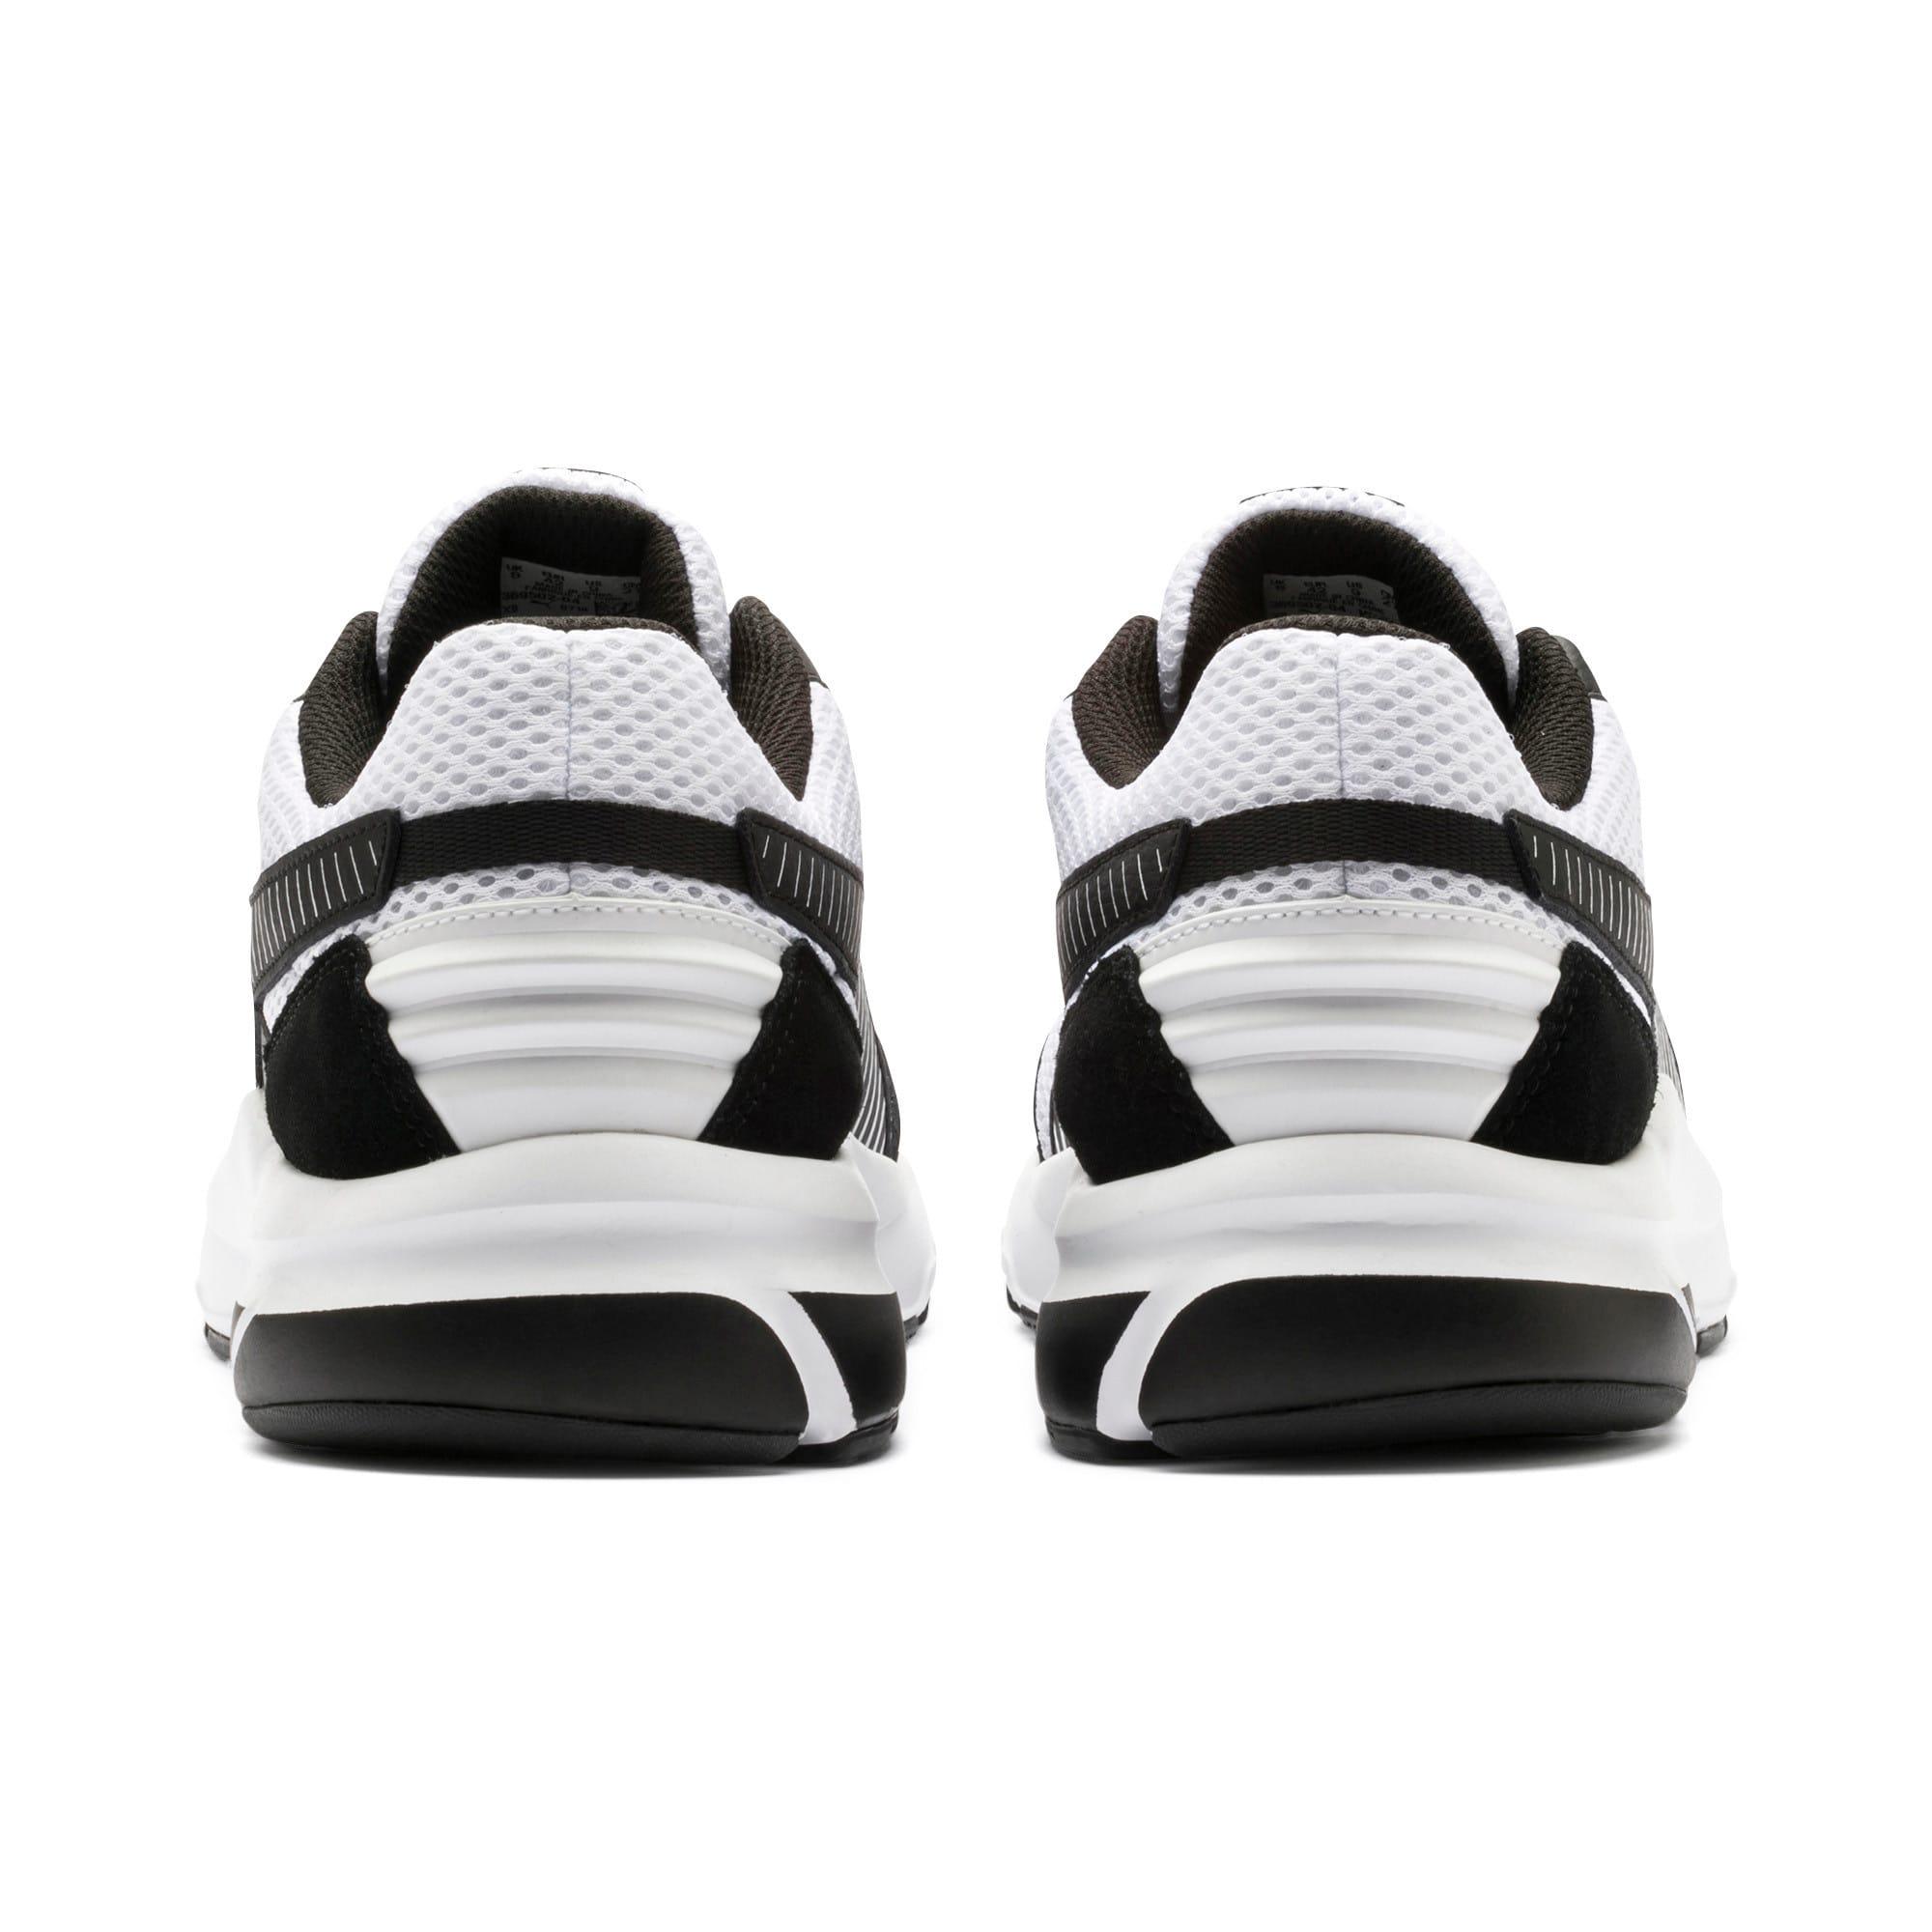 Thumbnail 5 of Future Runner Premium Running Shoes, Puma White-Puma Black, medium-IND